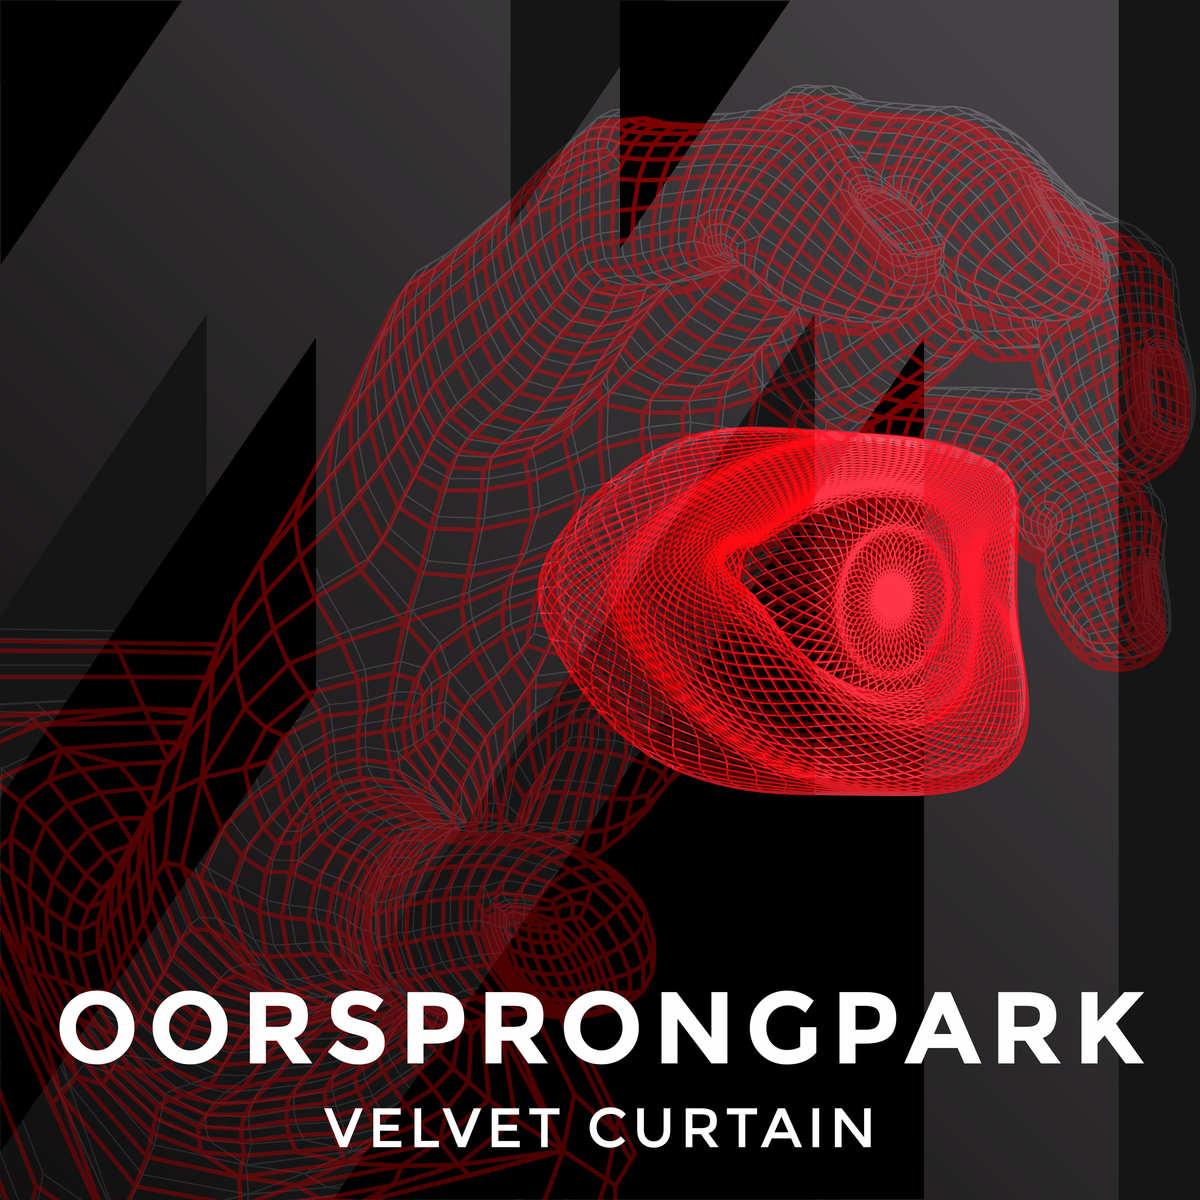 OorsprongPark - Velvet Curtain [Mechatronica] 2019